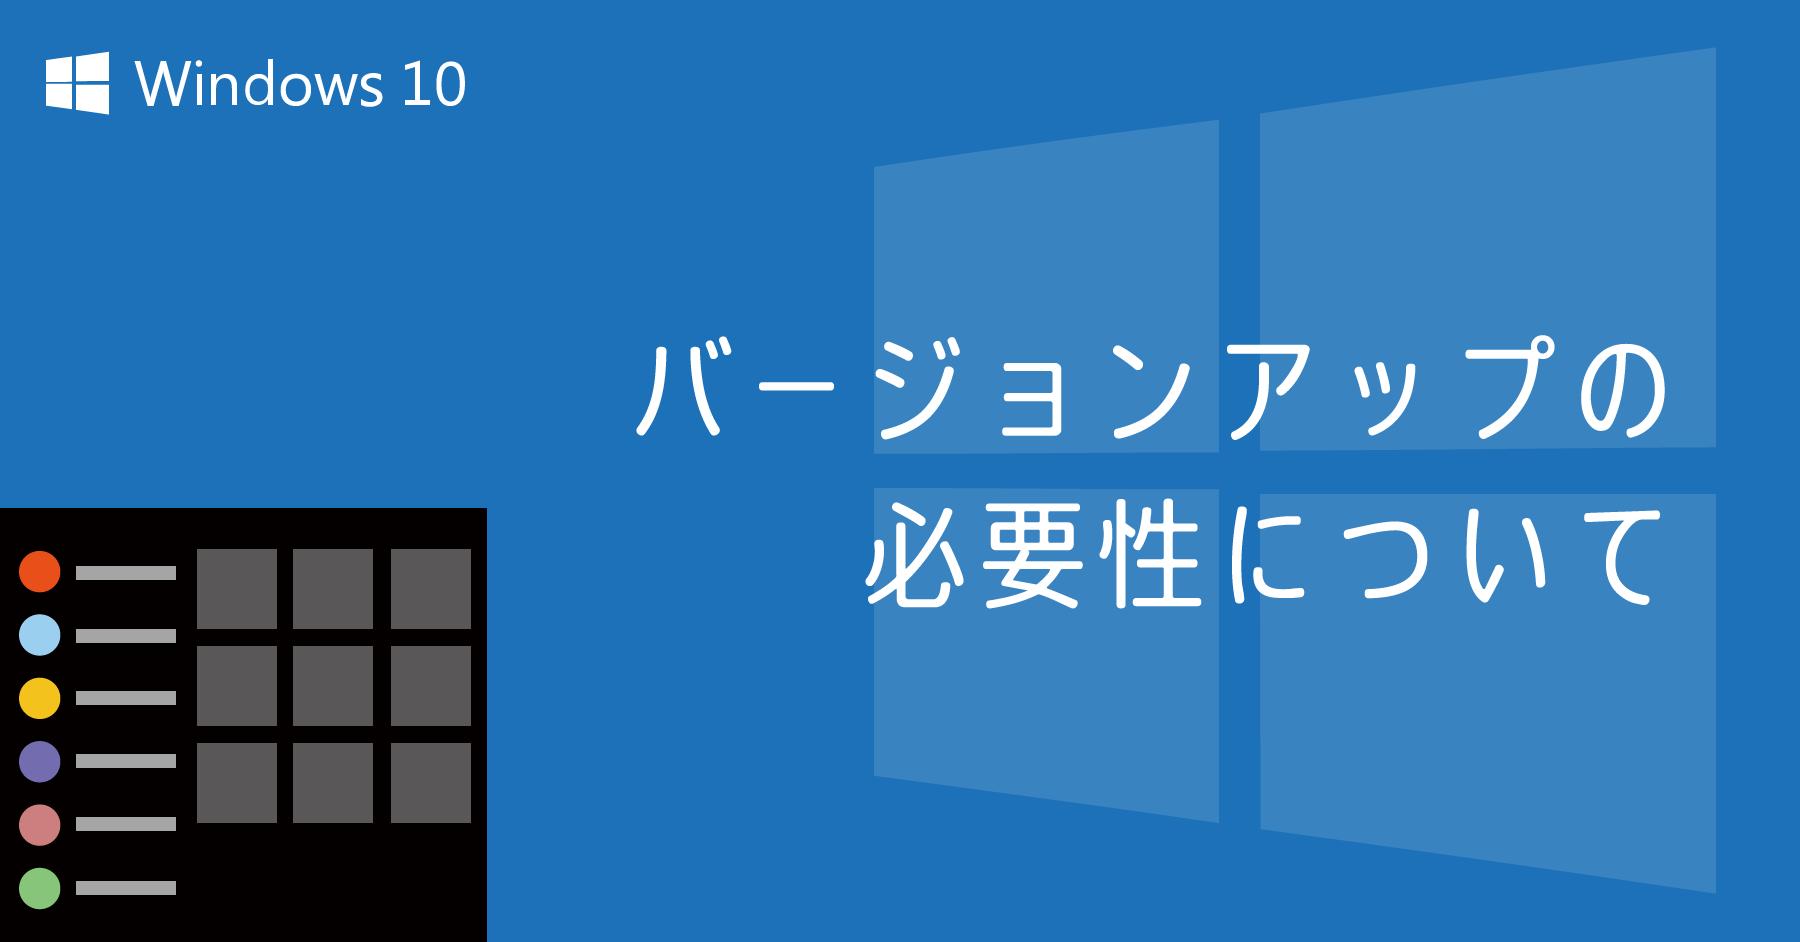 Windows 10 バージョンアップの必要性について